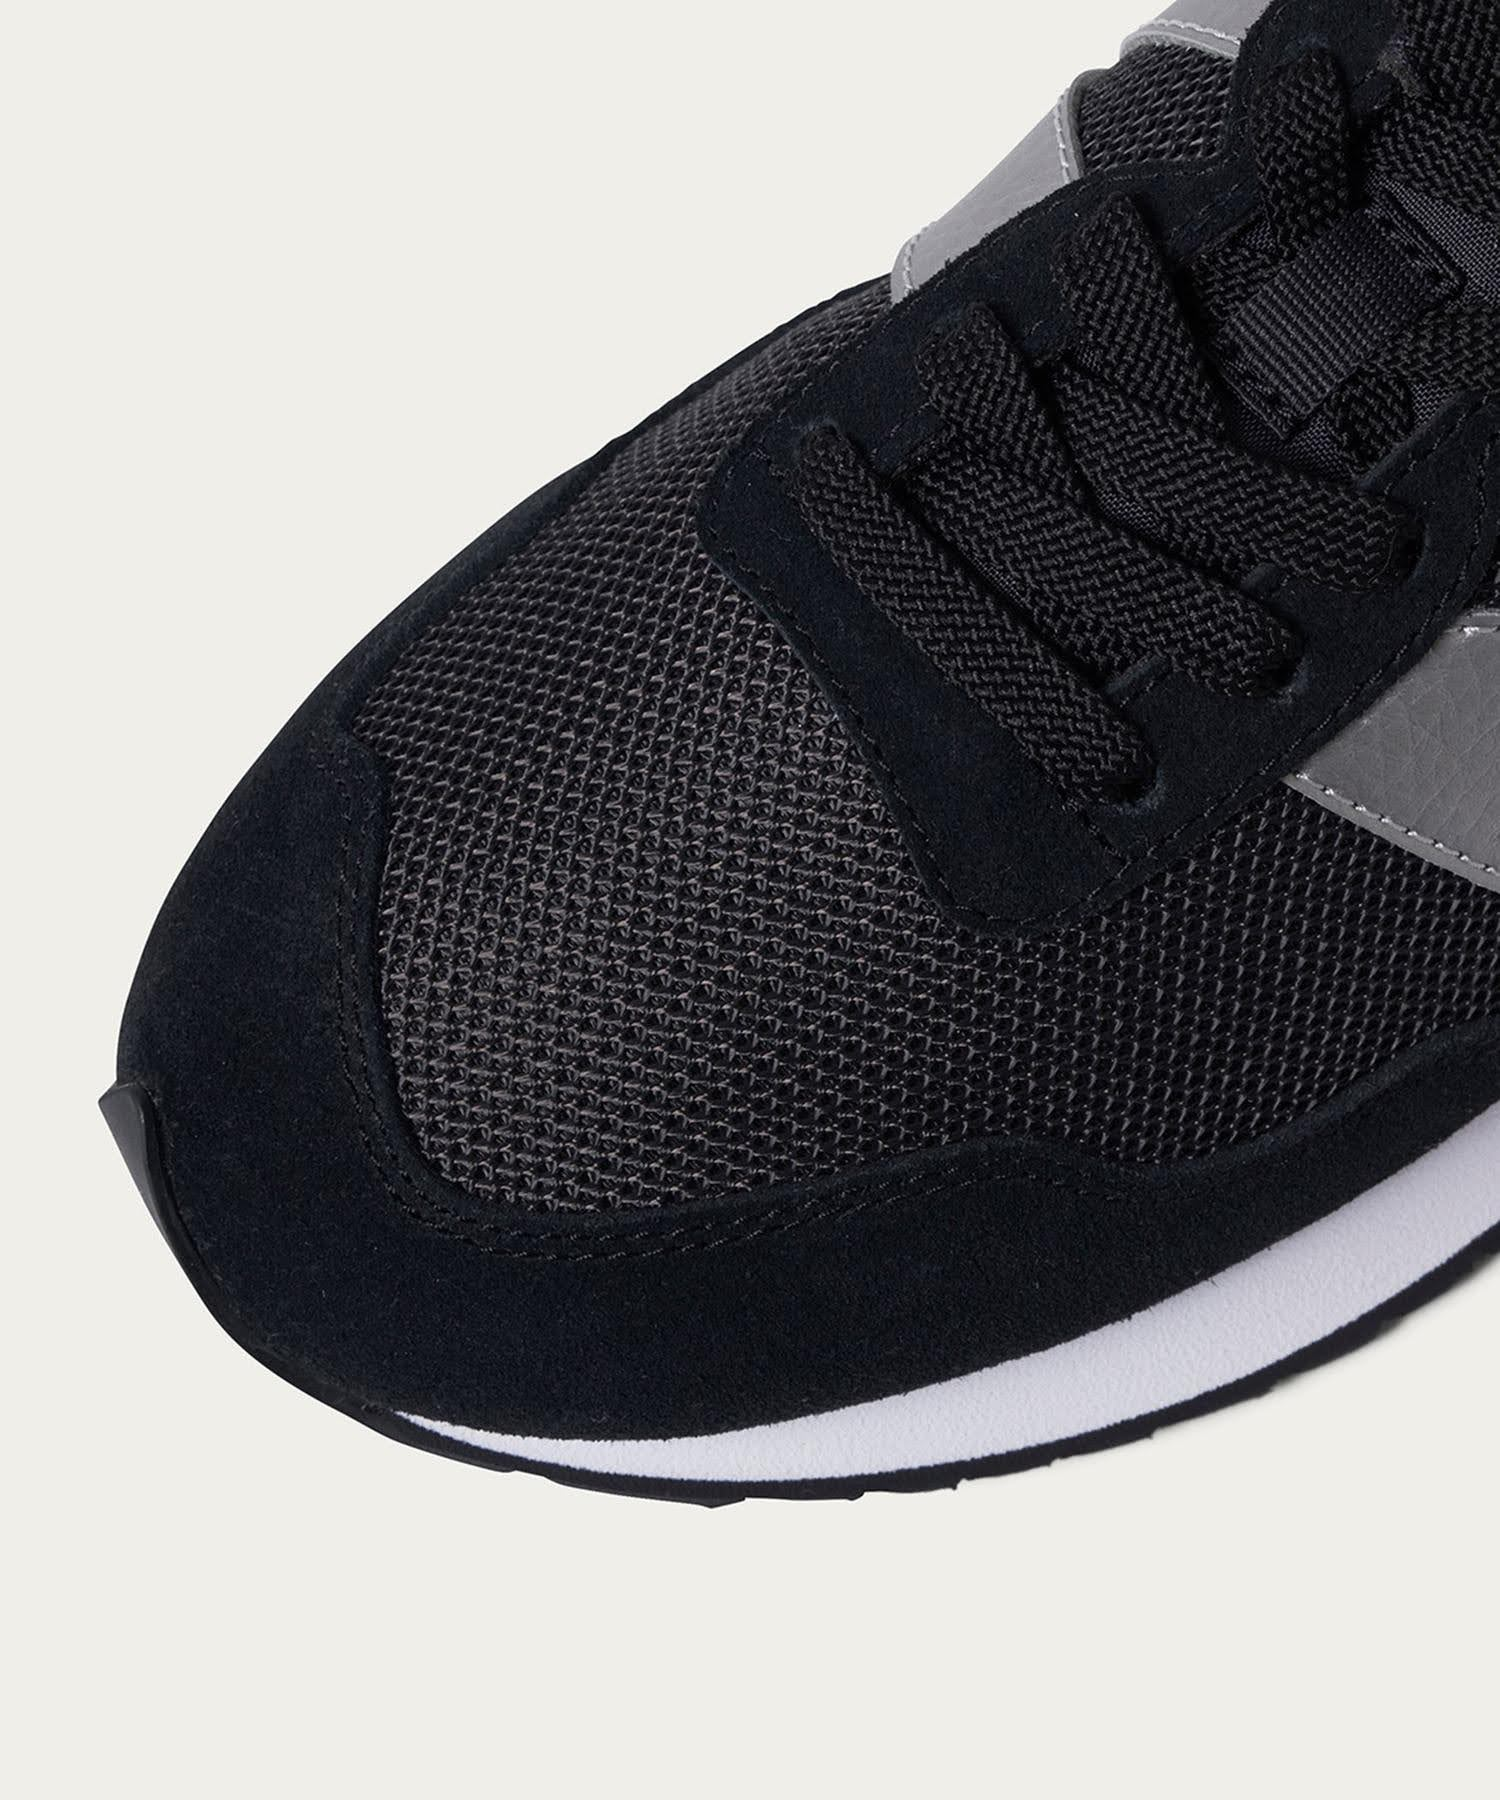 ニューバランス WS237/ ブラック New-Balance-WS237-Black-toe